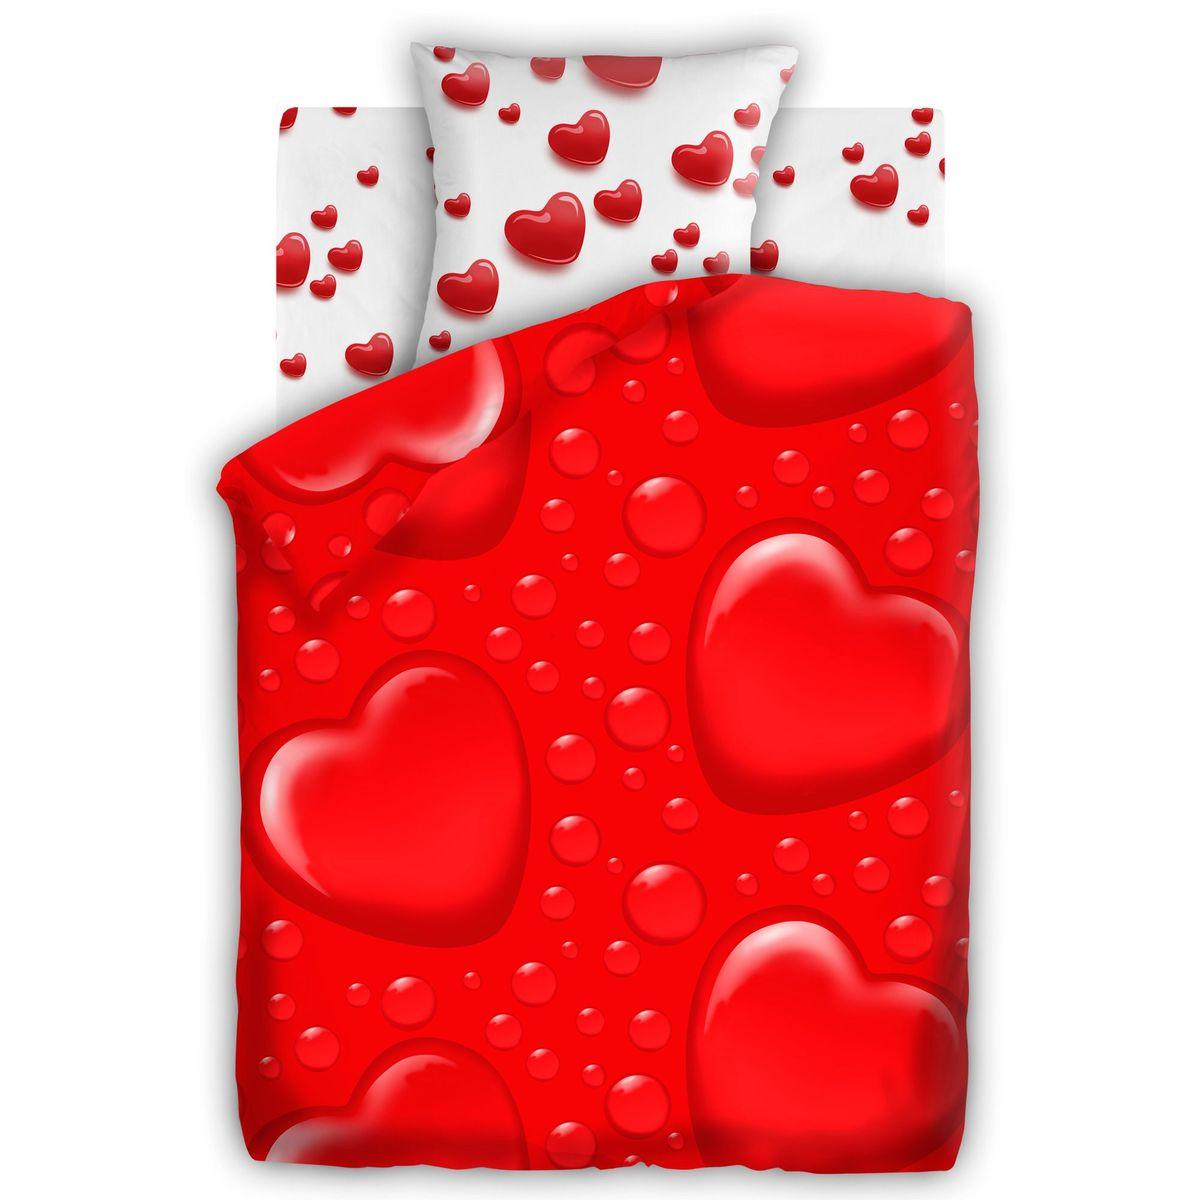 Комплект белья For YouСердца, 1,5 спальное, наволочки 70 х 70, цвет: красный. 284379284379Постельное белье торговой марки «Любимый дом» - это идеальное сочетание доступной цены и высокого качества продукции. Серия «Любимый дом 3D» выполнена в технике объемного трехмерного изображения: объемные рисунки очень яркие, насыщенные и реалистичные. Коллекция выполнена из традиционной отечественной бязи с высоким показателем износостойкости: такое постельное белье очень прочное и долговечное, не деформируется при стирках и прослужит долгие годы.